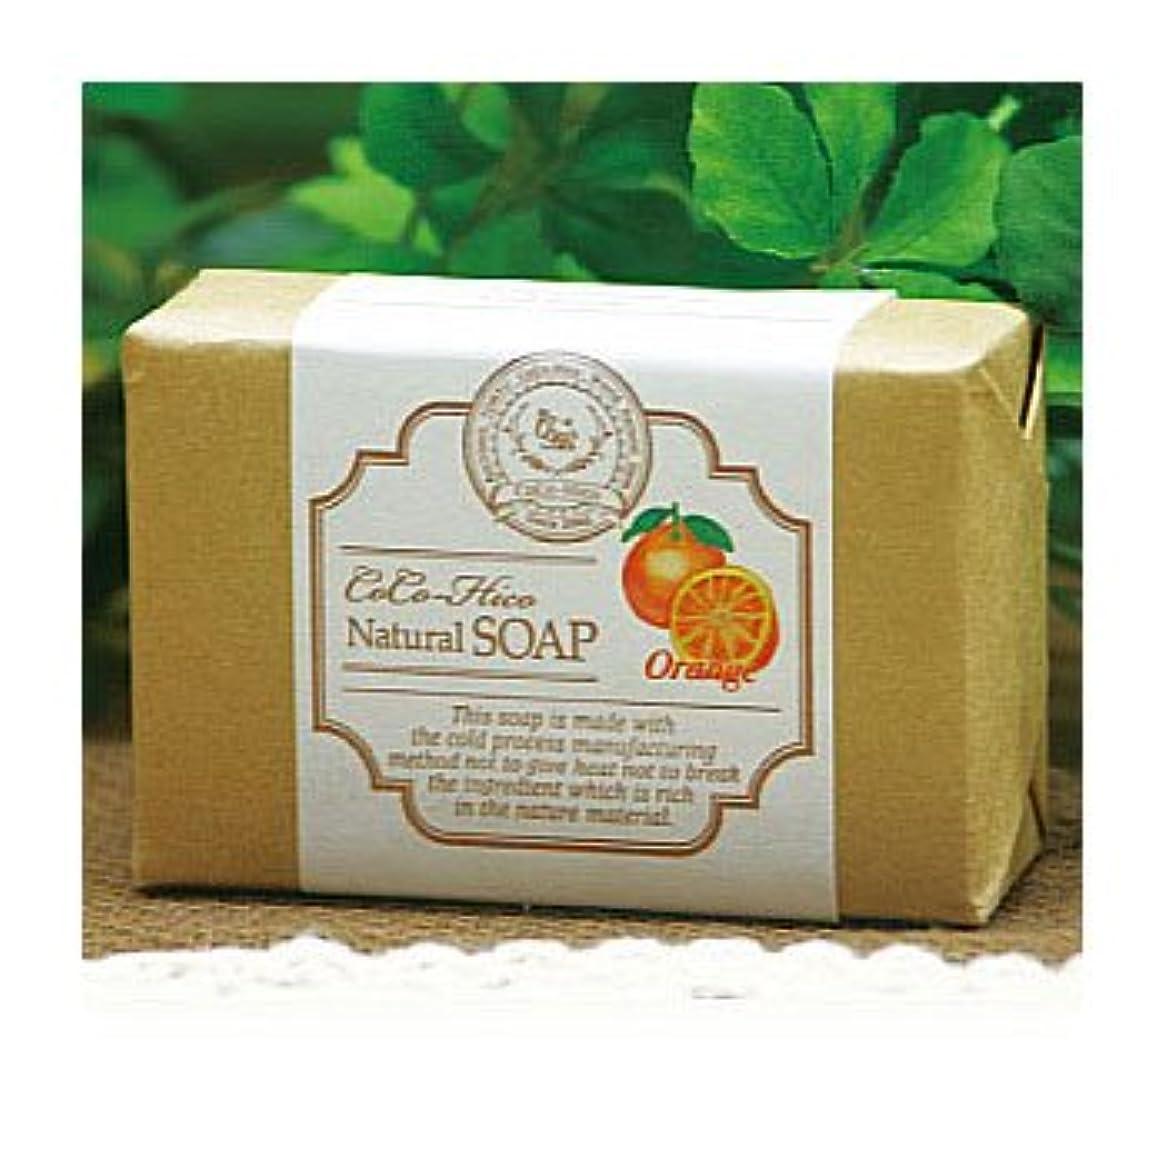 離れた滑りやすい忘れっぽい【無添加 手作り 生せっけん】-CoCo-Hico SOAP-ココヒコ生せっけん オレンジ